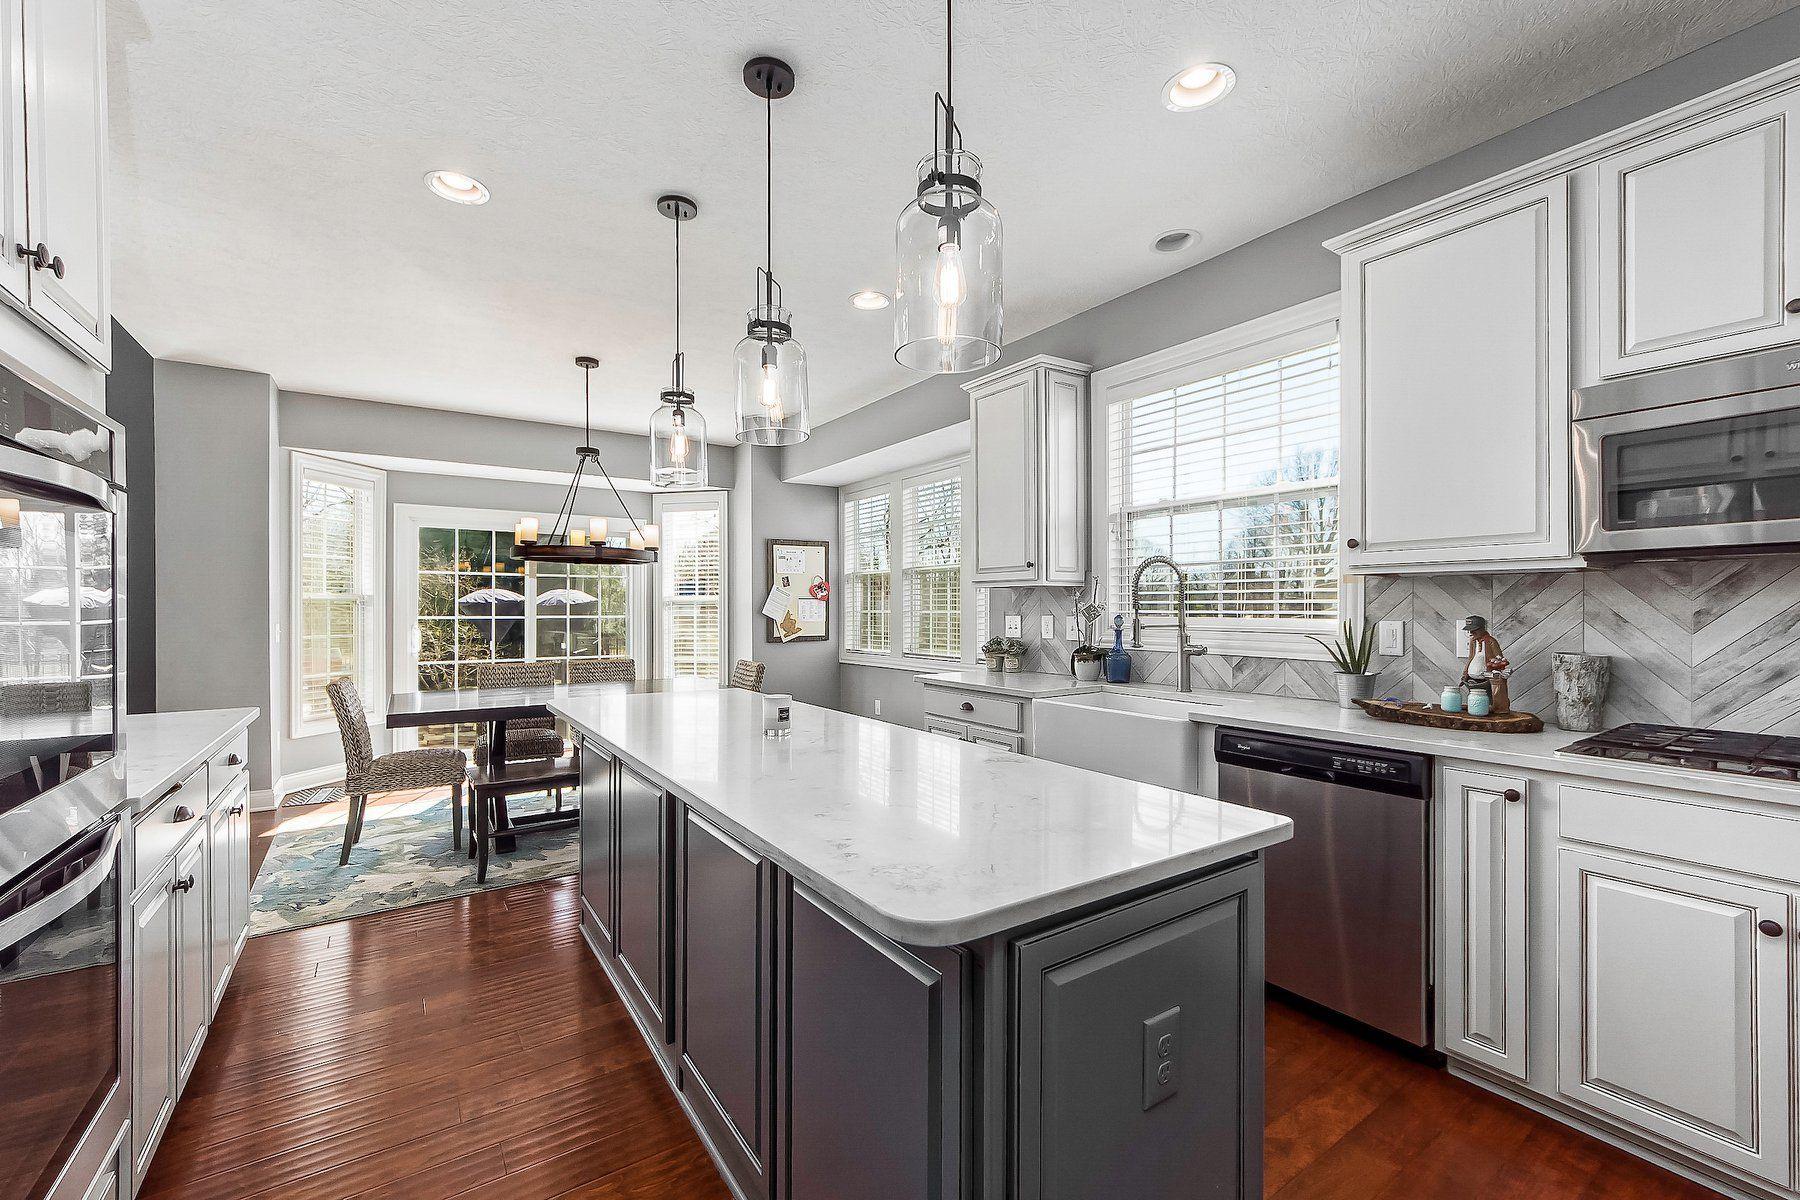 White Quartz Chevron Backsplash and Farmhouse Sink Kitchen Updates